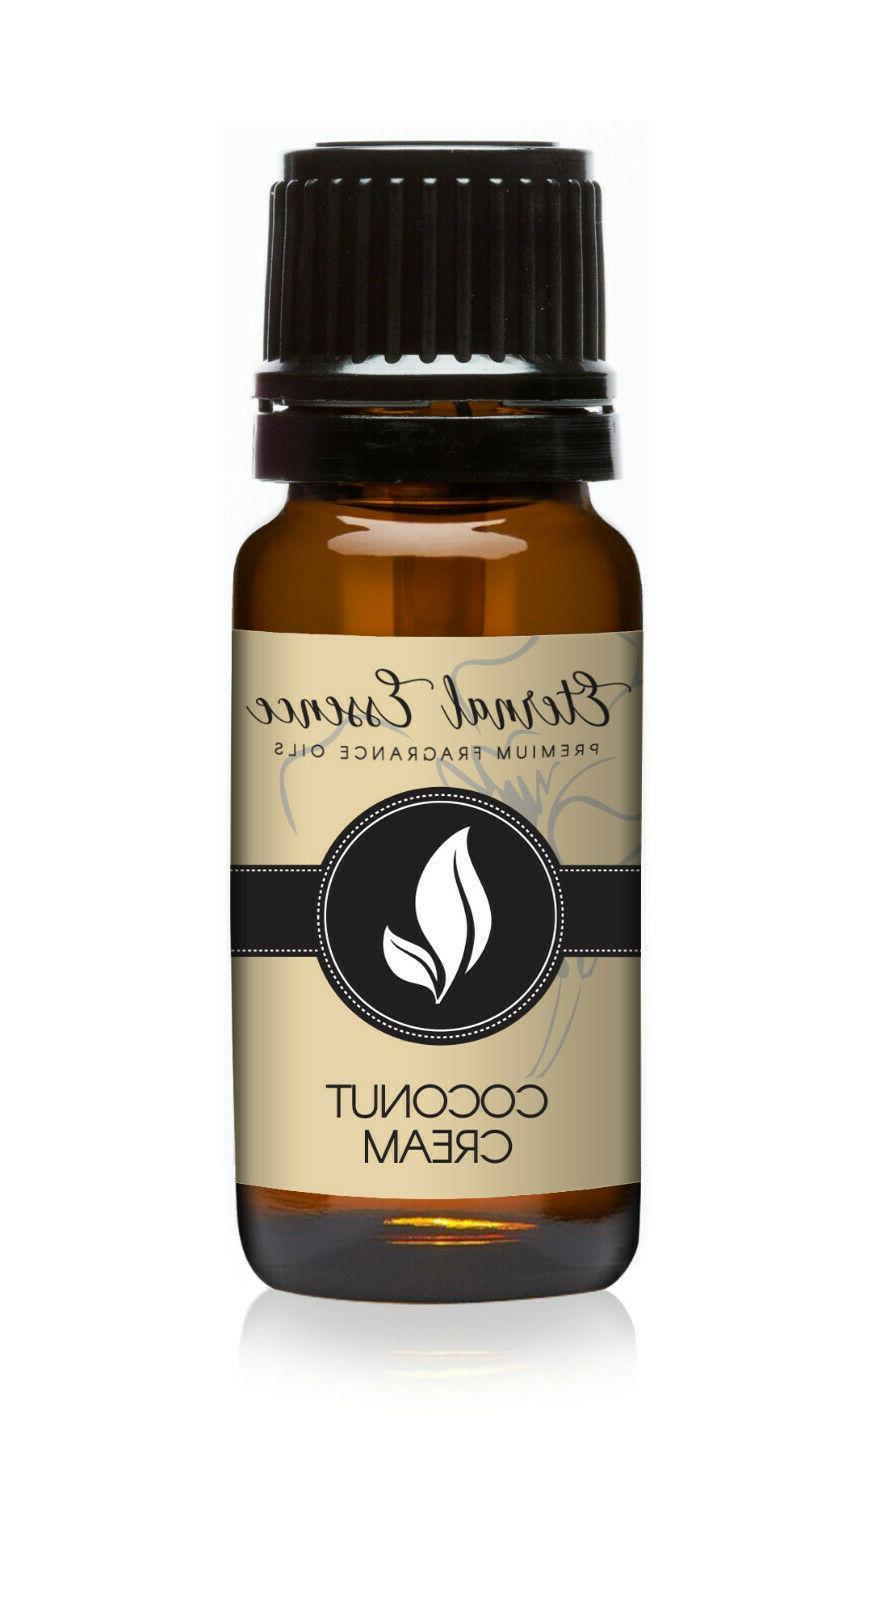 Coconut Cream Premium Grade Fragrance Oil - 10ml - Scented O